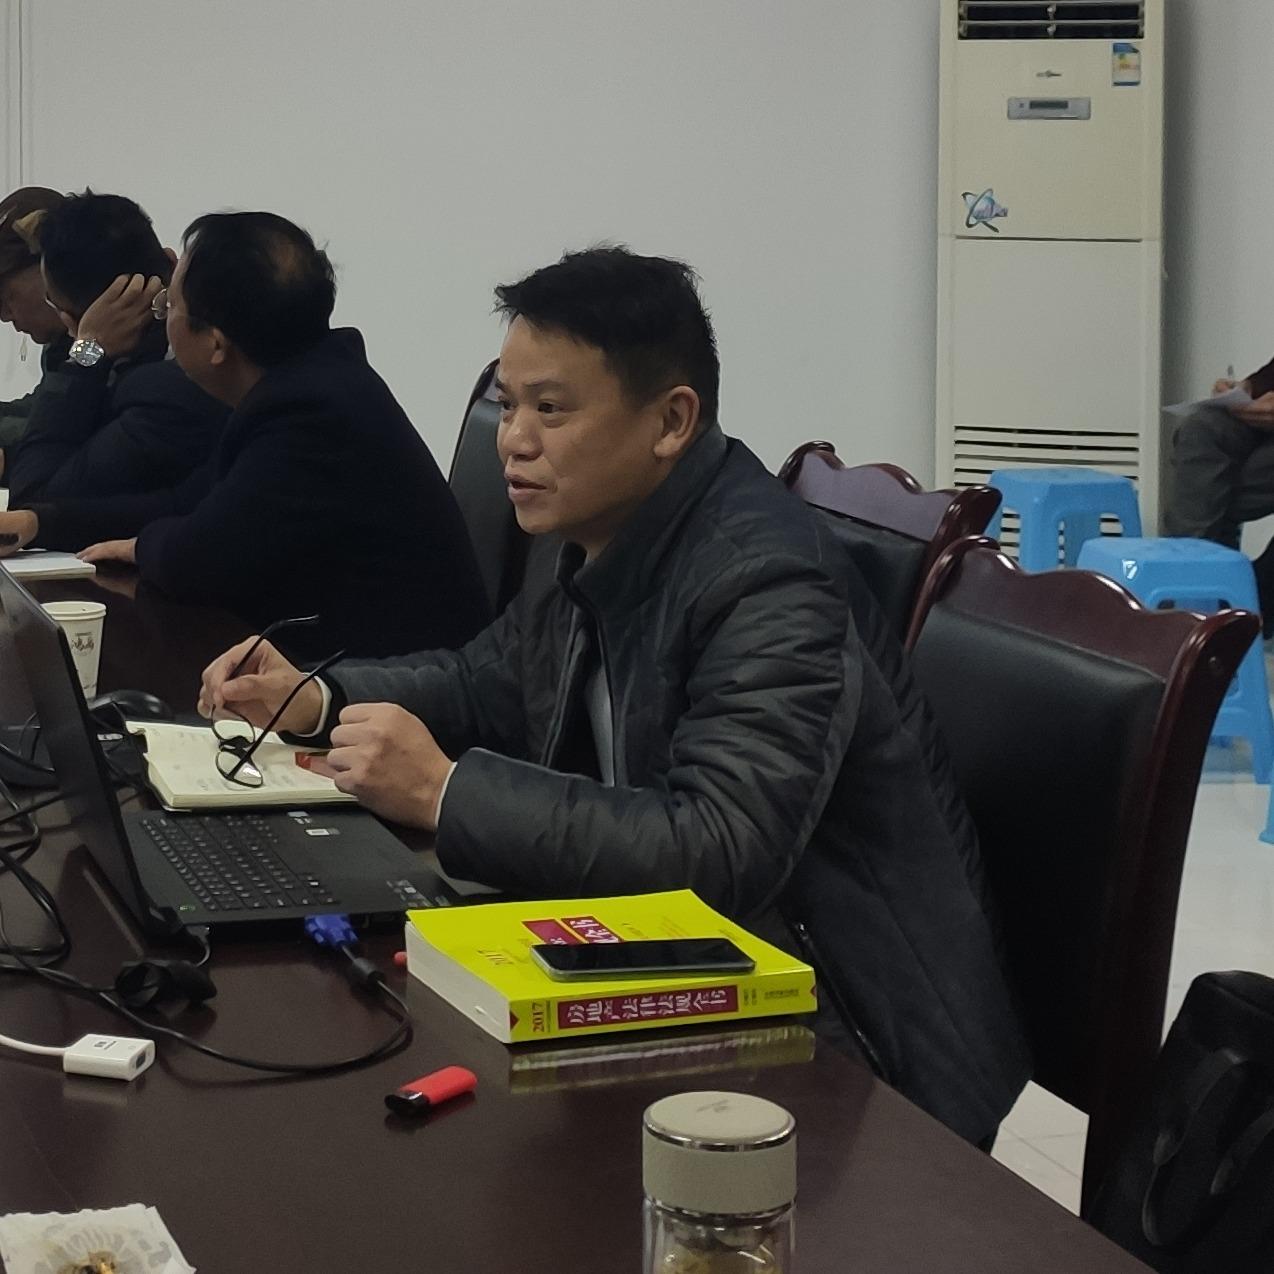 雄飞集团管理学院 | 工程技术管理培训班开学啦